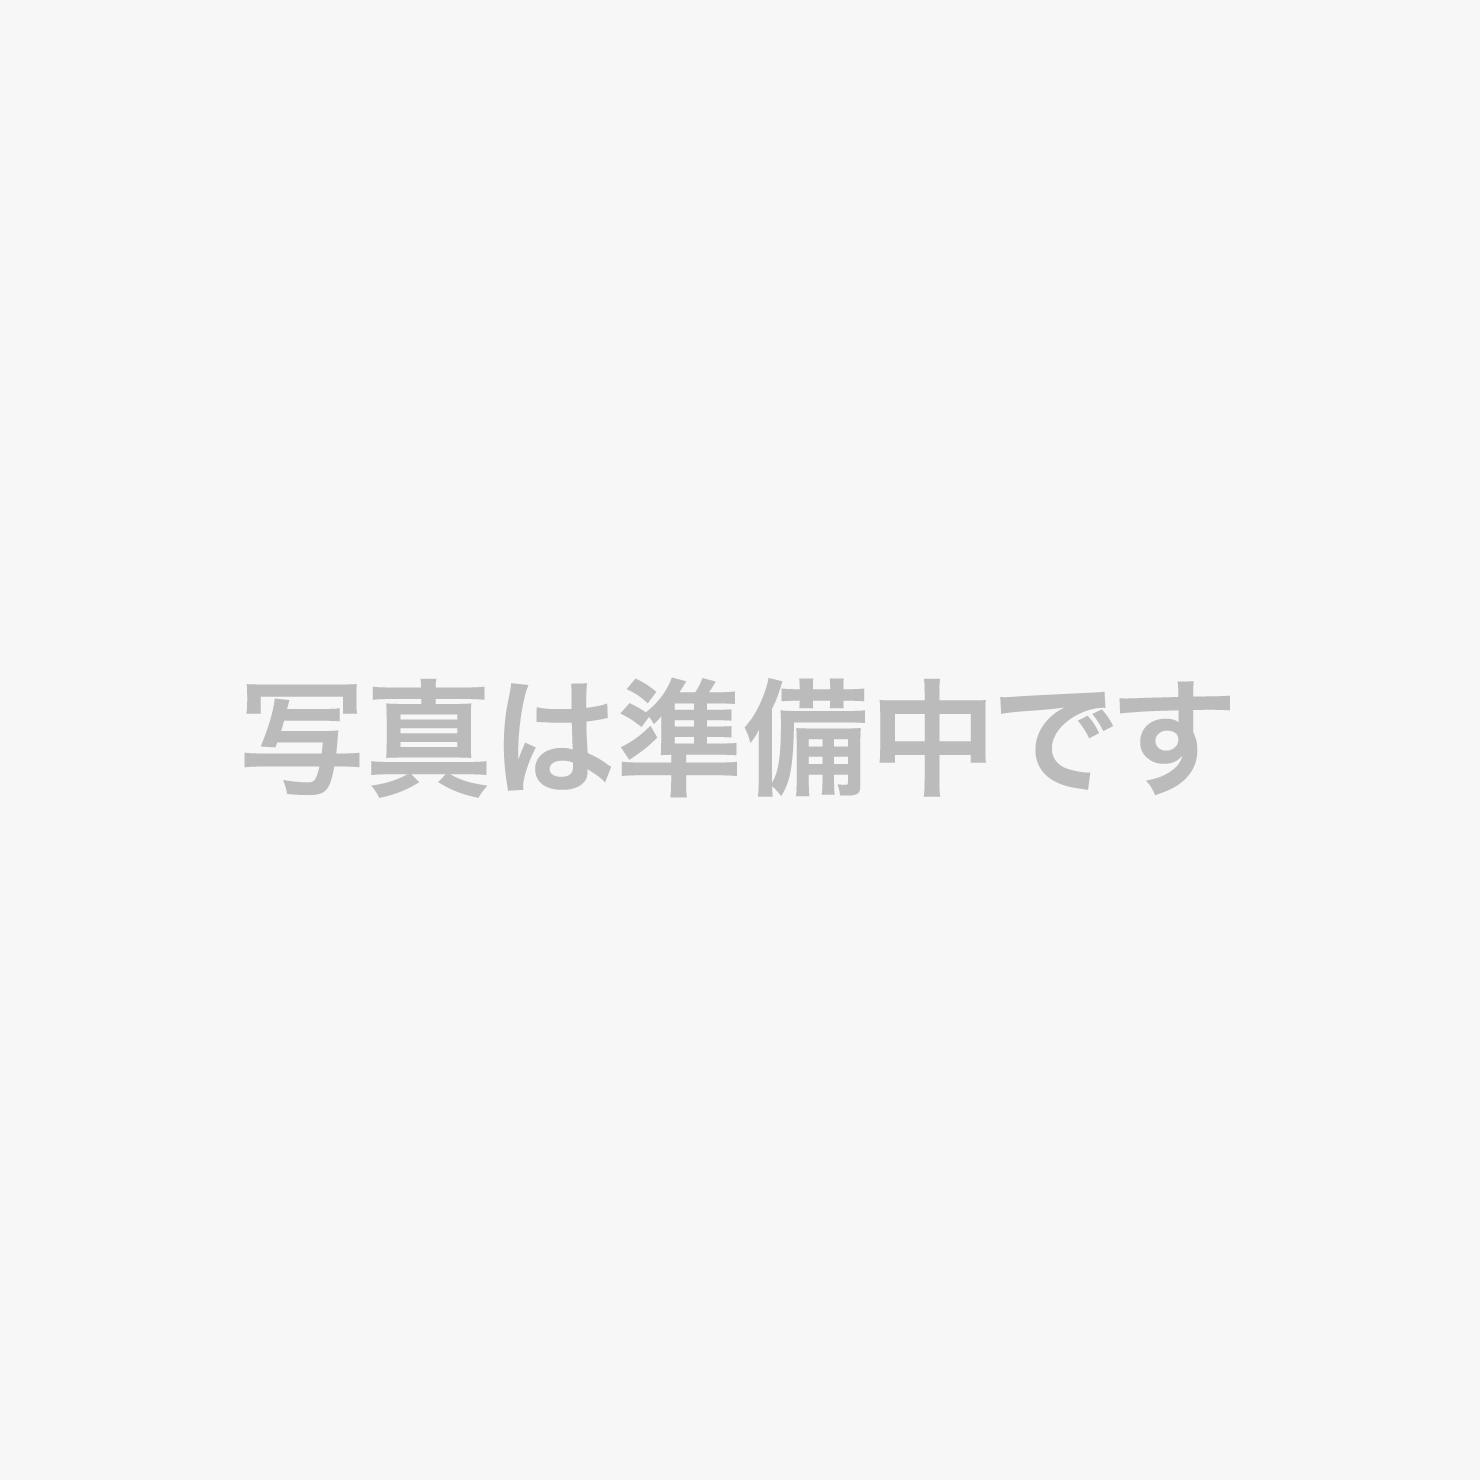 下田東急ホテルなら「絶景+nature wedding」&水族館「アクアリウムウェディング」